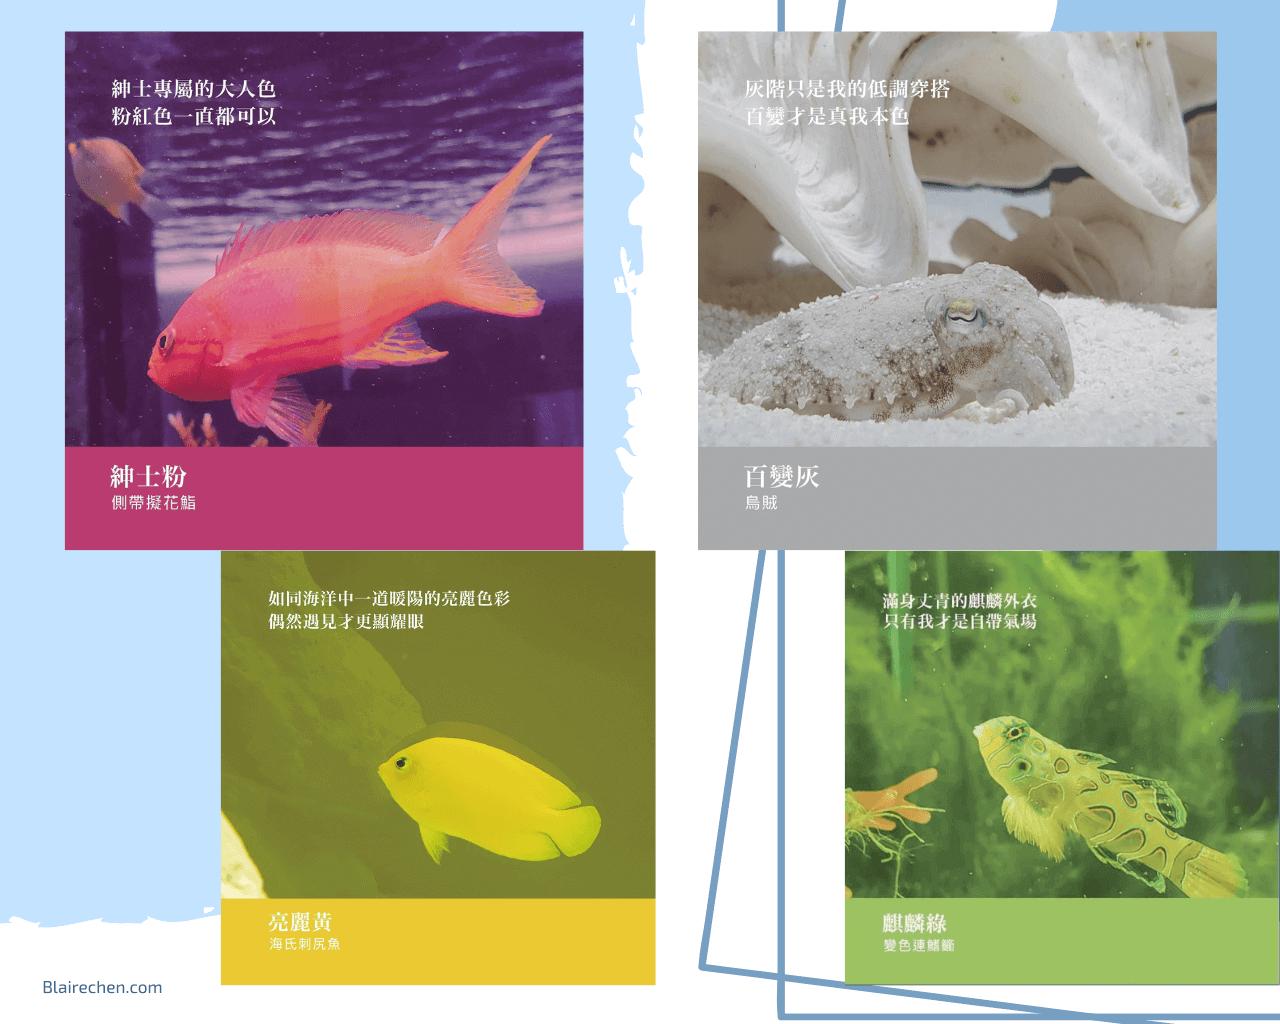 【屏東旅遊推薦】|色票控請注意!屏東海生館,帶你進入夢幻海洋色系,還有企鵝的餵食體驗、一起夜宿海生館!